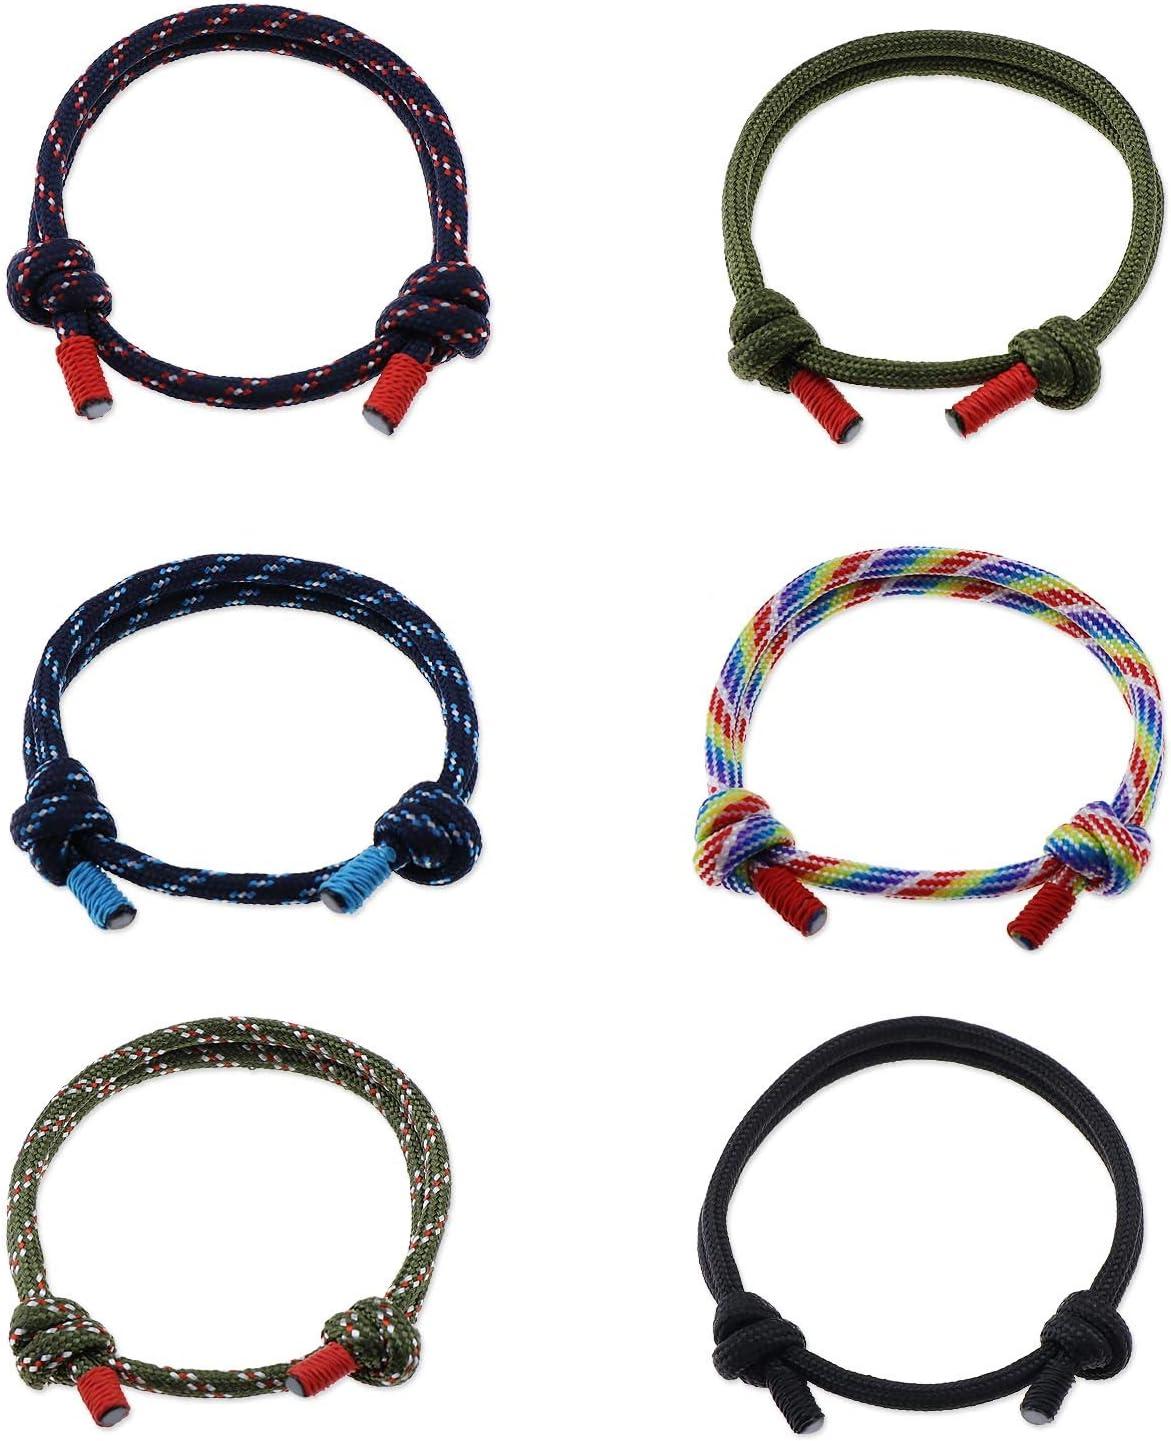 OTOTEC 6pcs Bracelets de Surfer Cordes Tress/ées Nautiques Corde Assorties Ensemble Unisexe /à Main R/églable